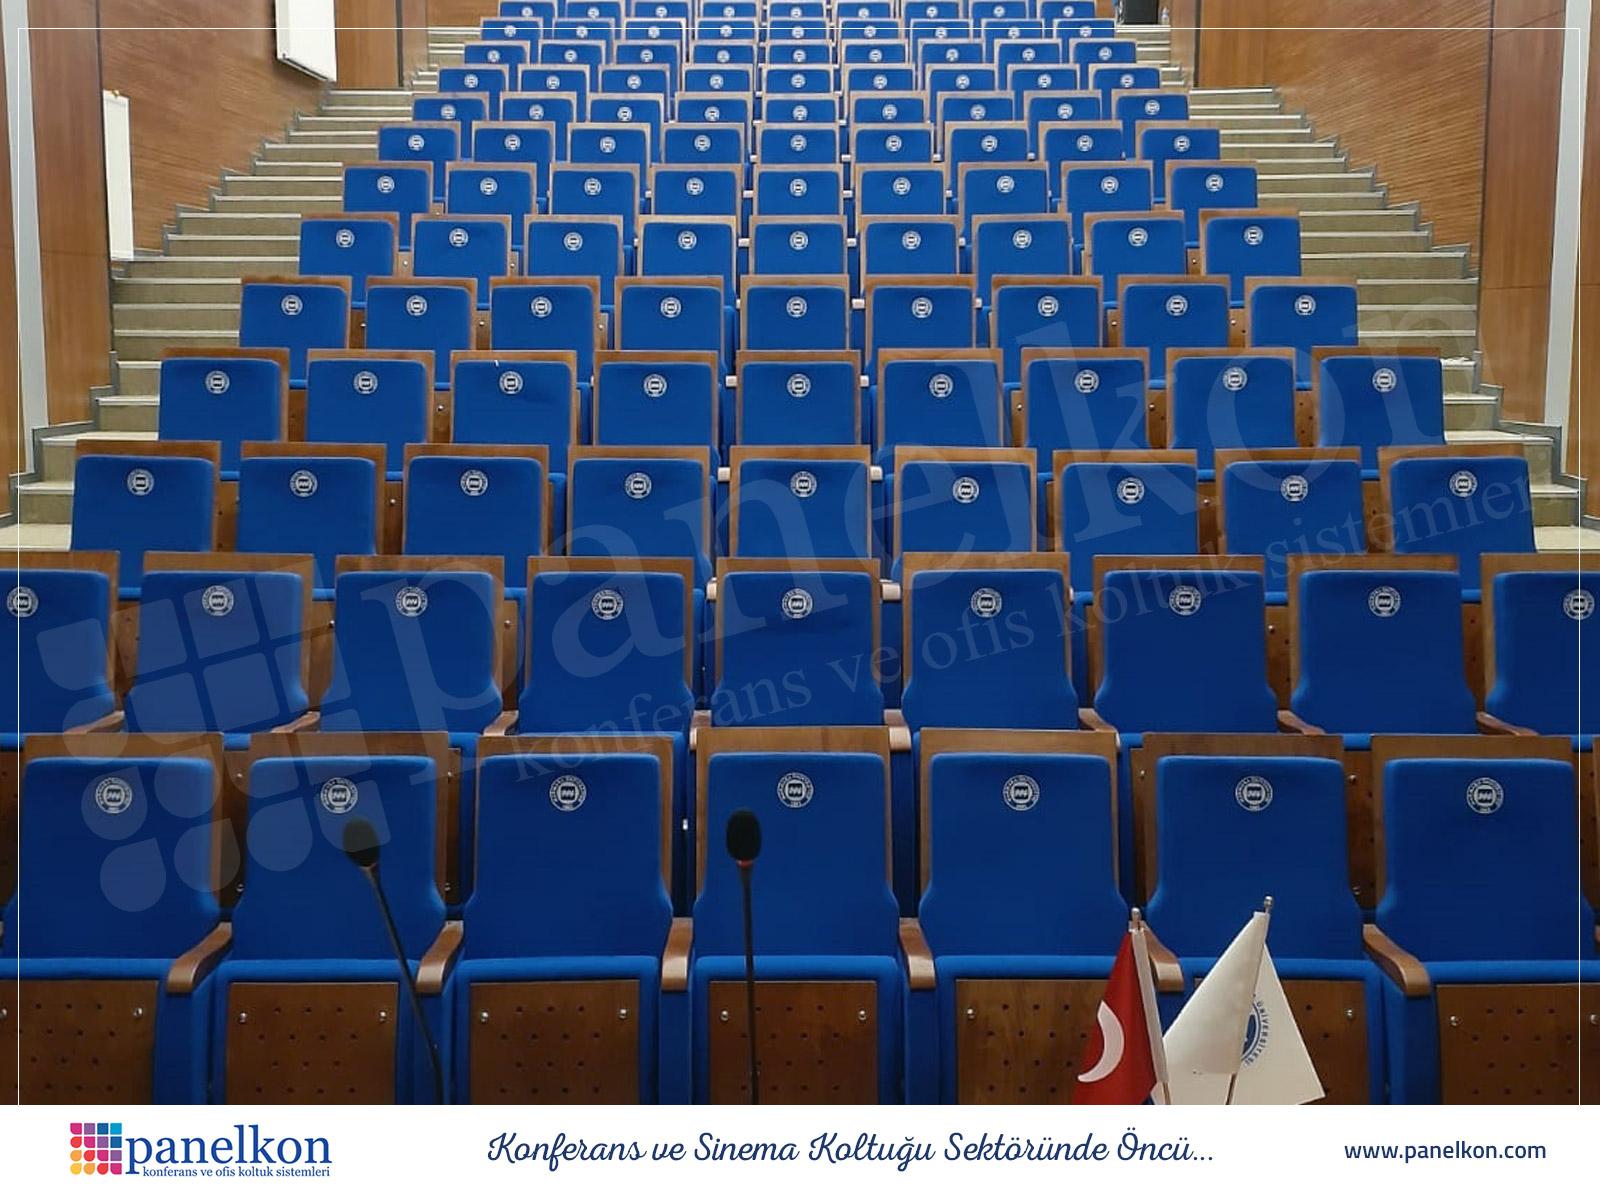 maramara üniversitesi göztepe kampüsü hukuk fakültesi konferans salonu koltukları (6)